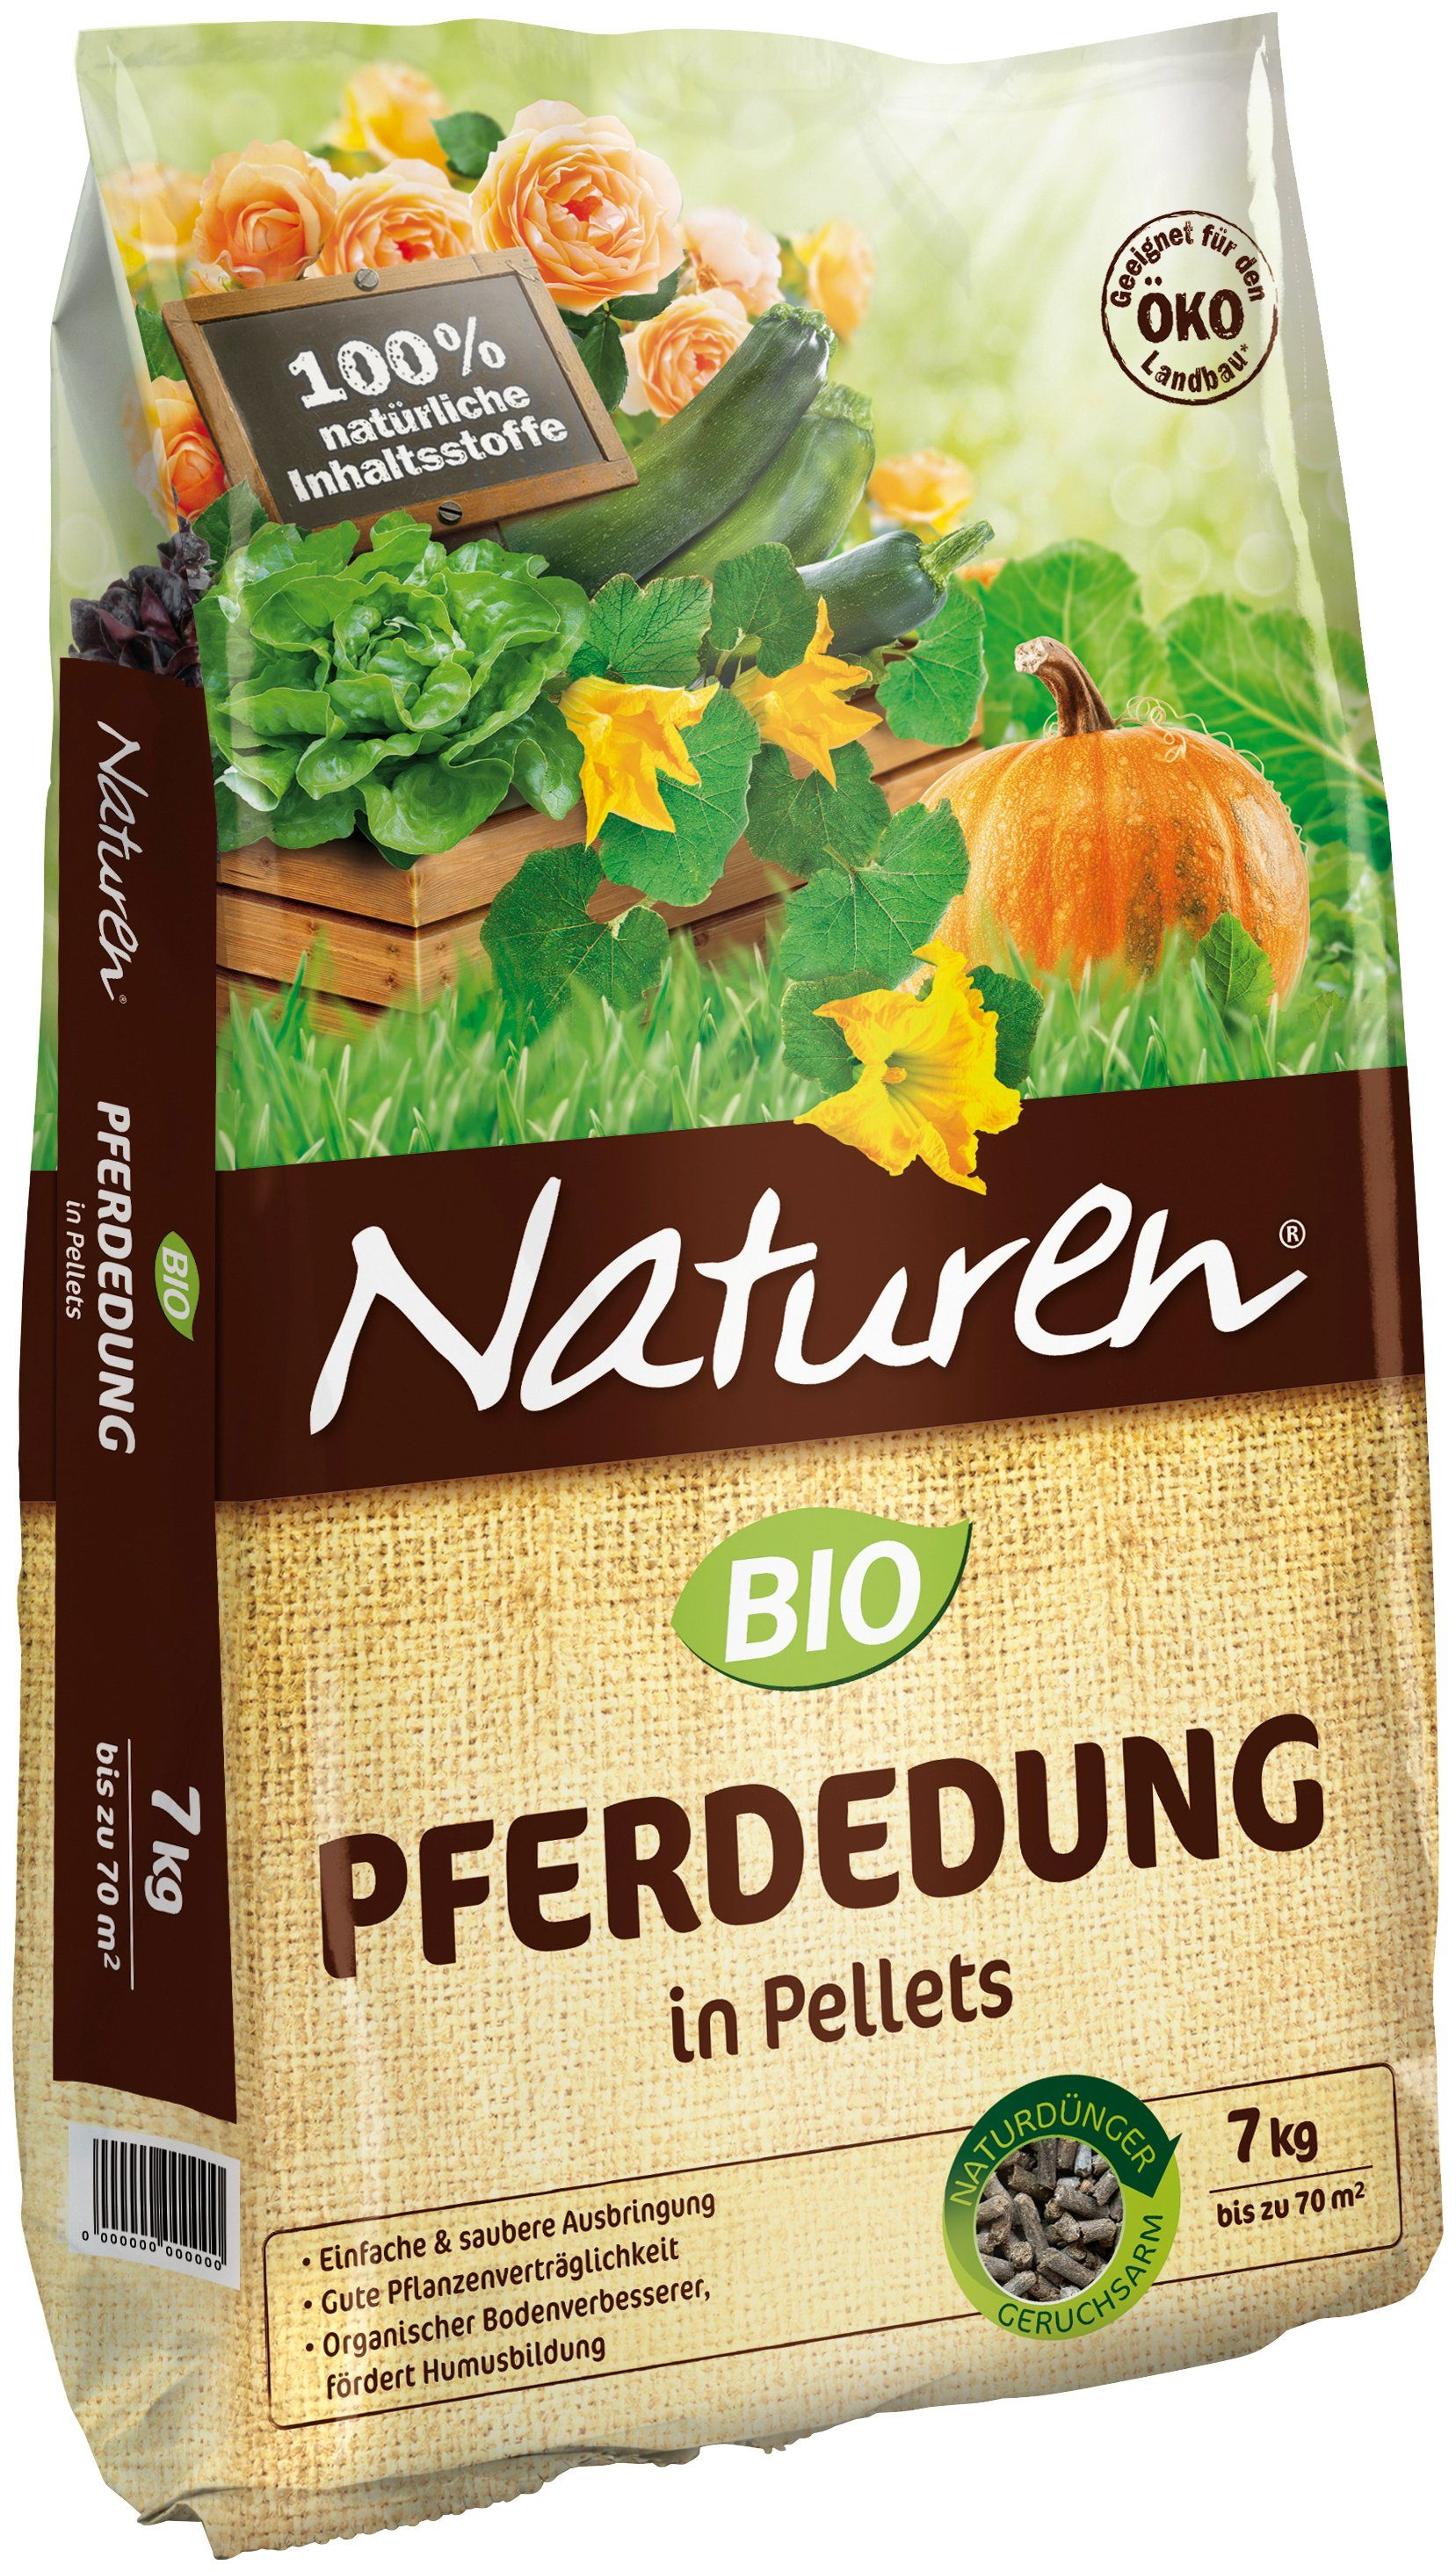 NATUREN Bio-Pferdedung , 7 kg